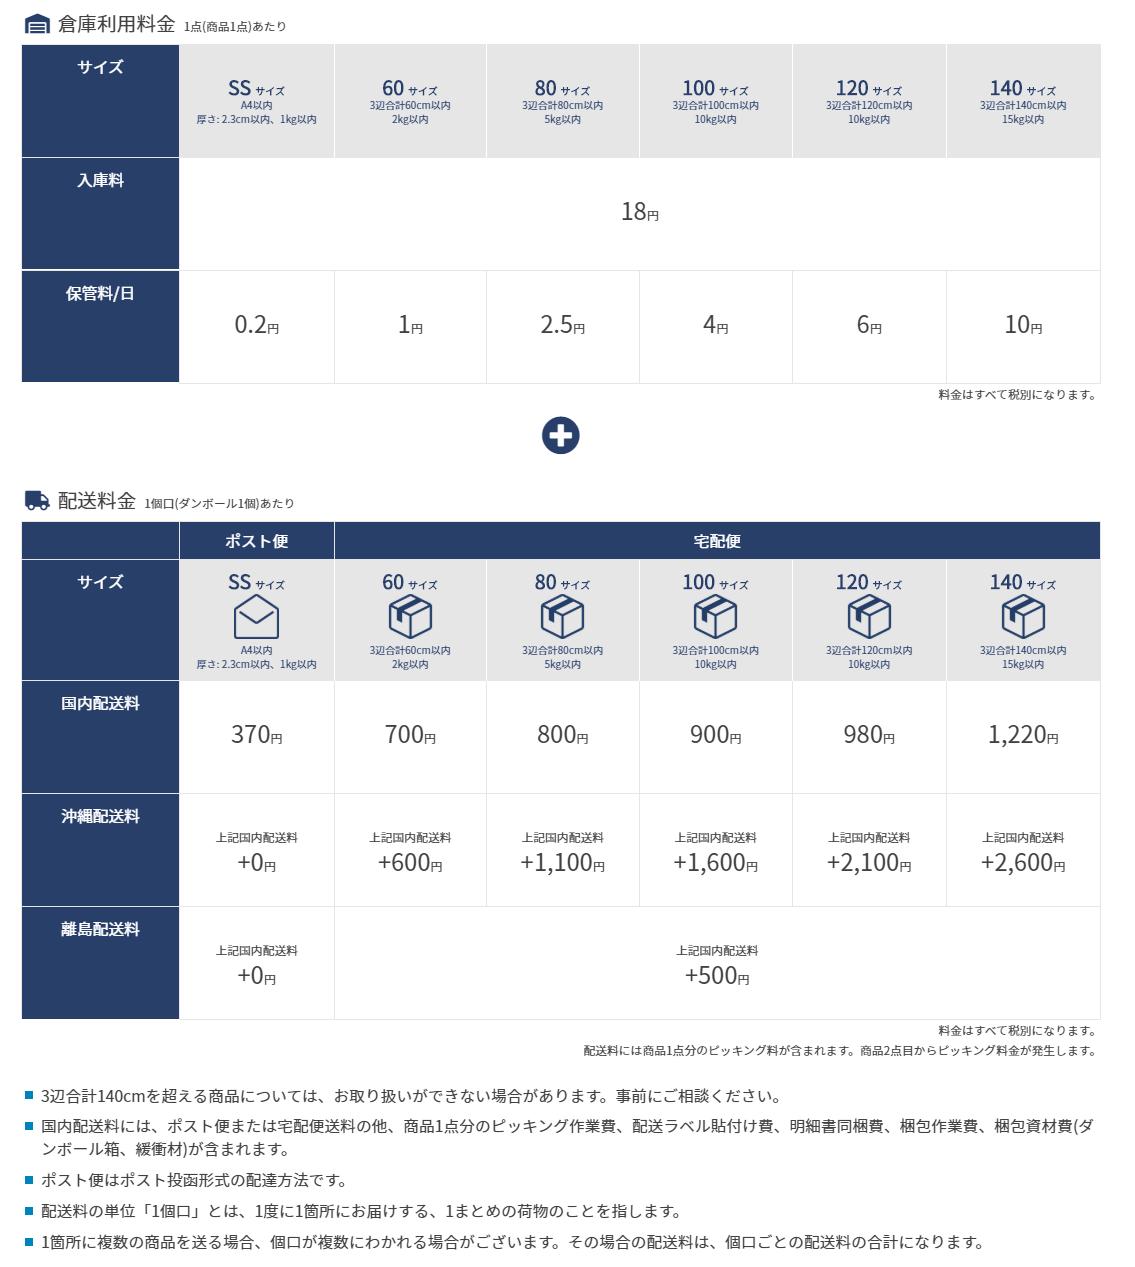 Yahoo! JAPAN コマースパートナー マーケットプレイス